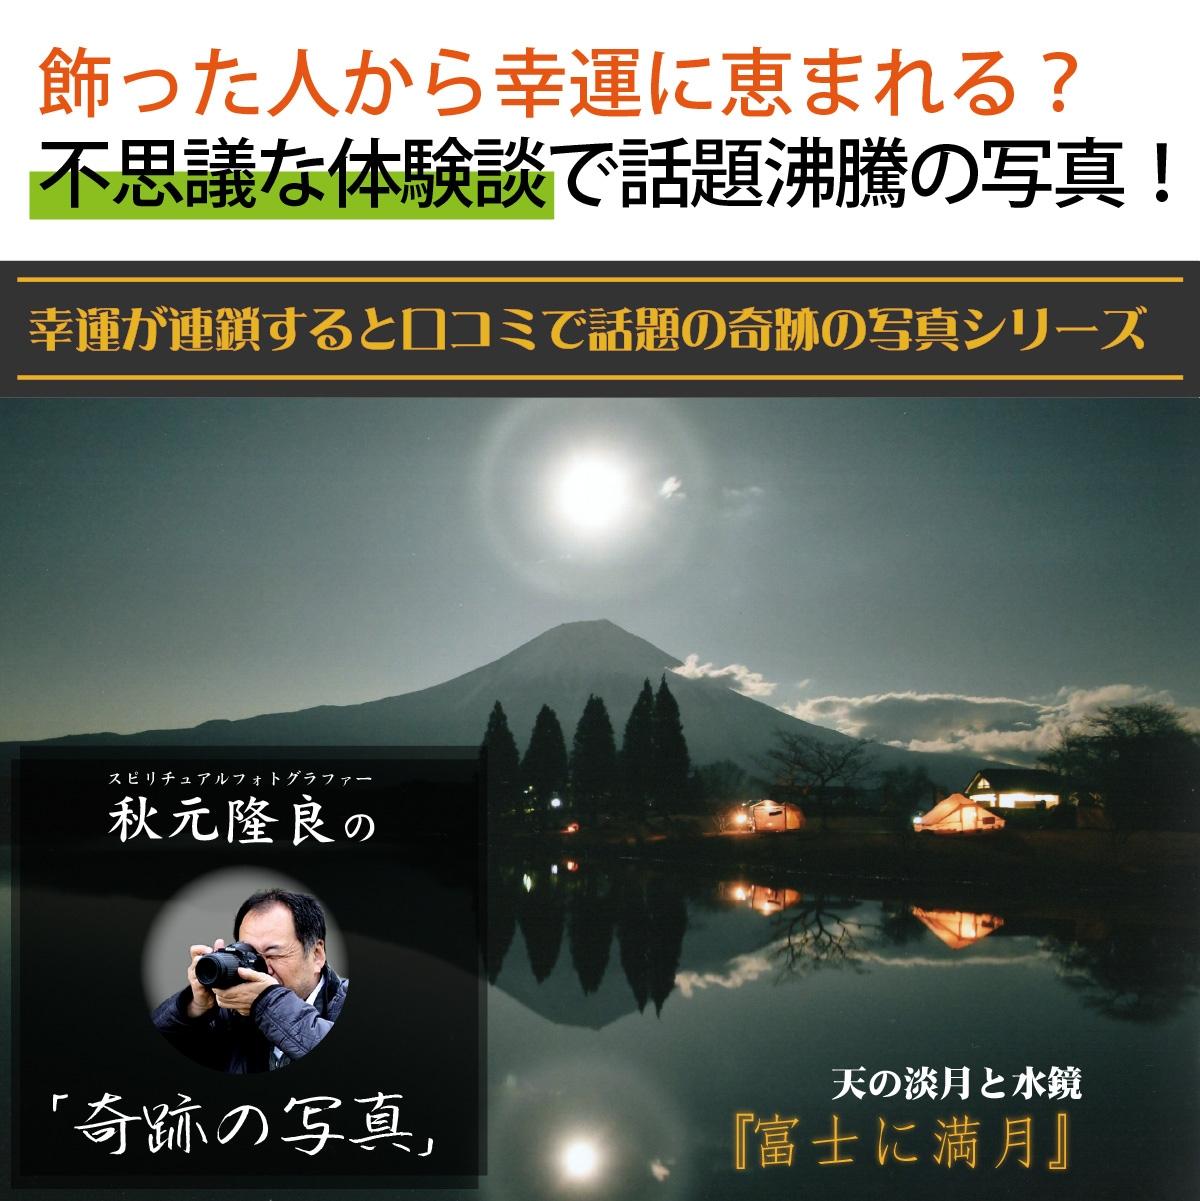 【奇跡の写真】霊峰に月満ちる ≫飾るだけで幸運が連鎖すると話題!秋元隆良の開運フォト作品 開運グッズ